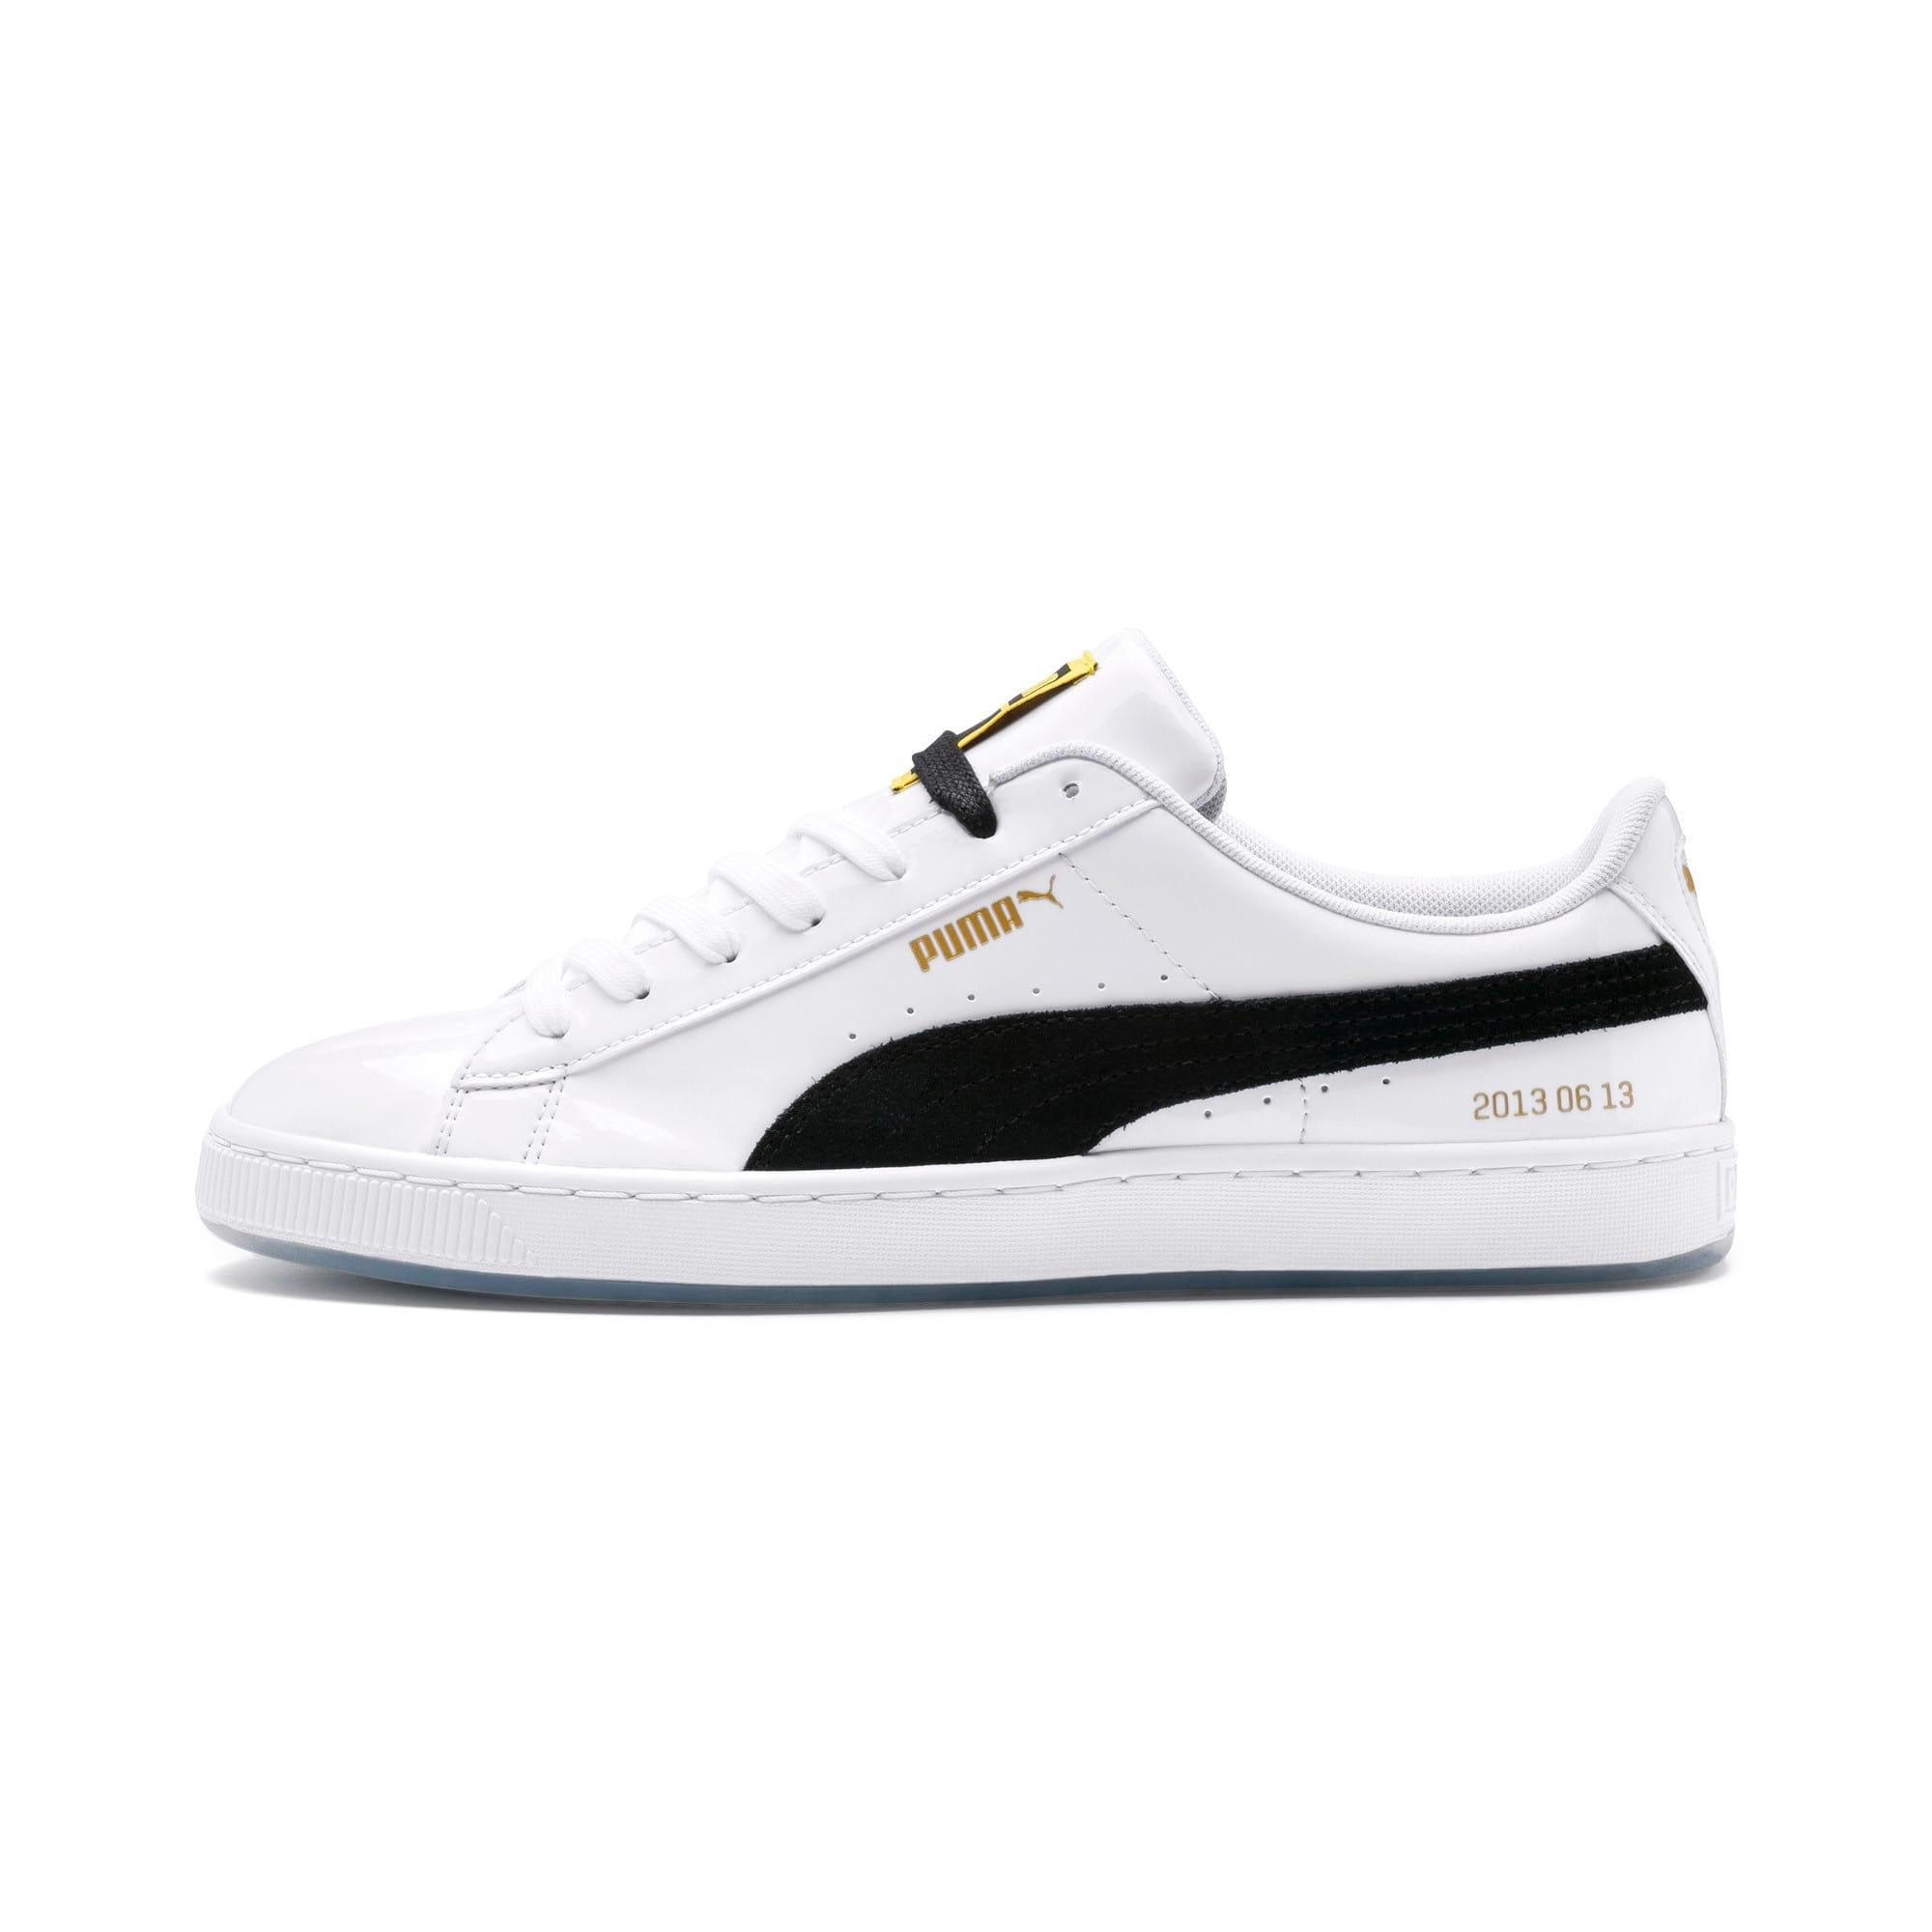 premium selection 2753d a3a66 PUMA x BTS Basket Patent Sneakers